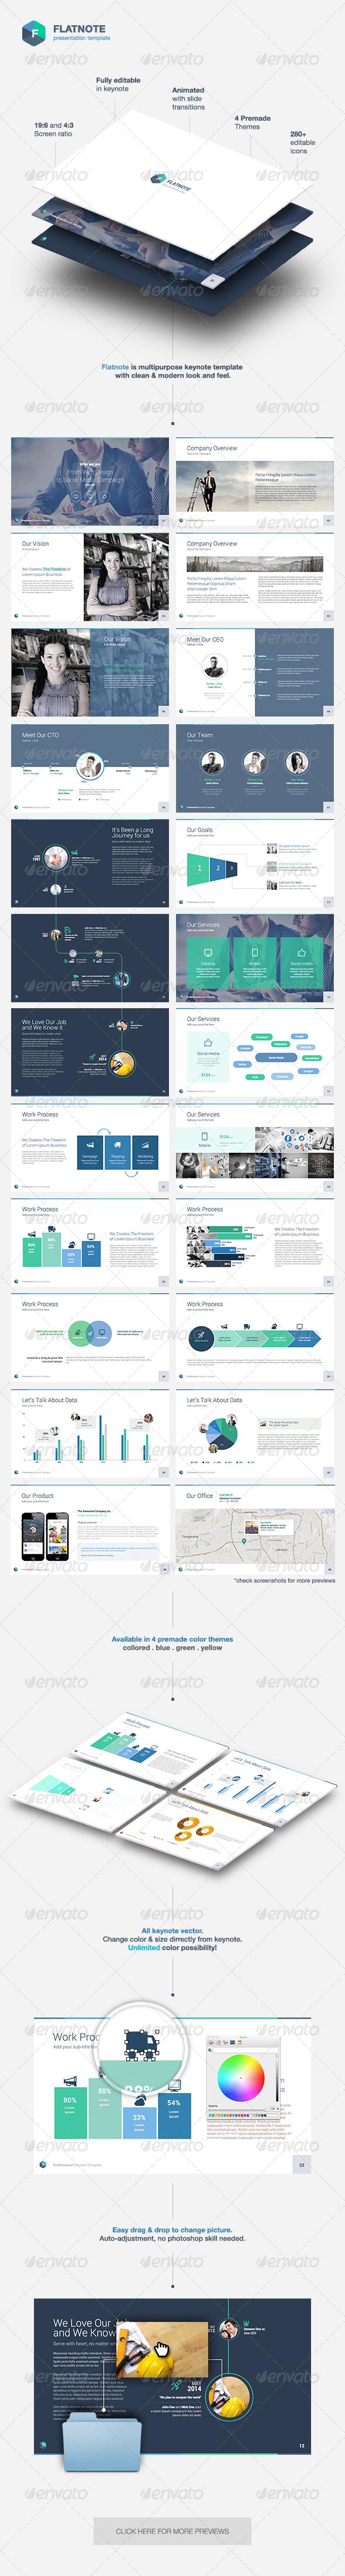 Flatnote - Business Keynote Template | Grau, Blau und Schlüssel